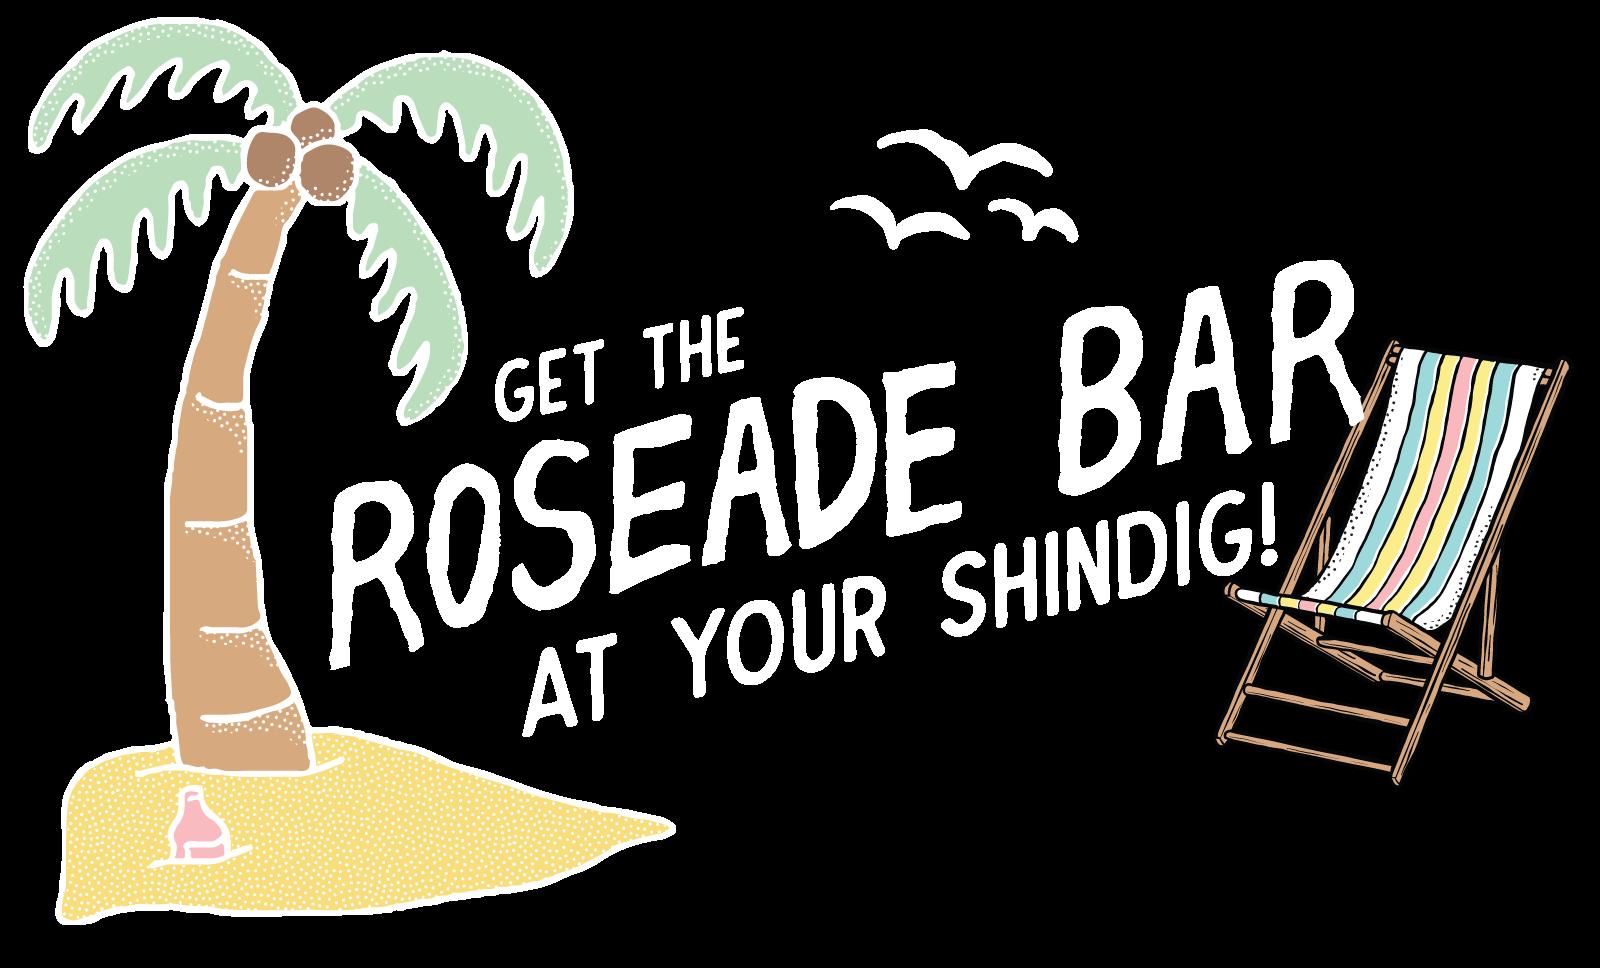 roseade-bar.png